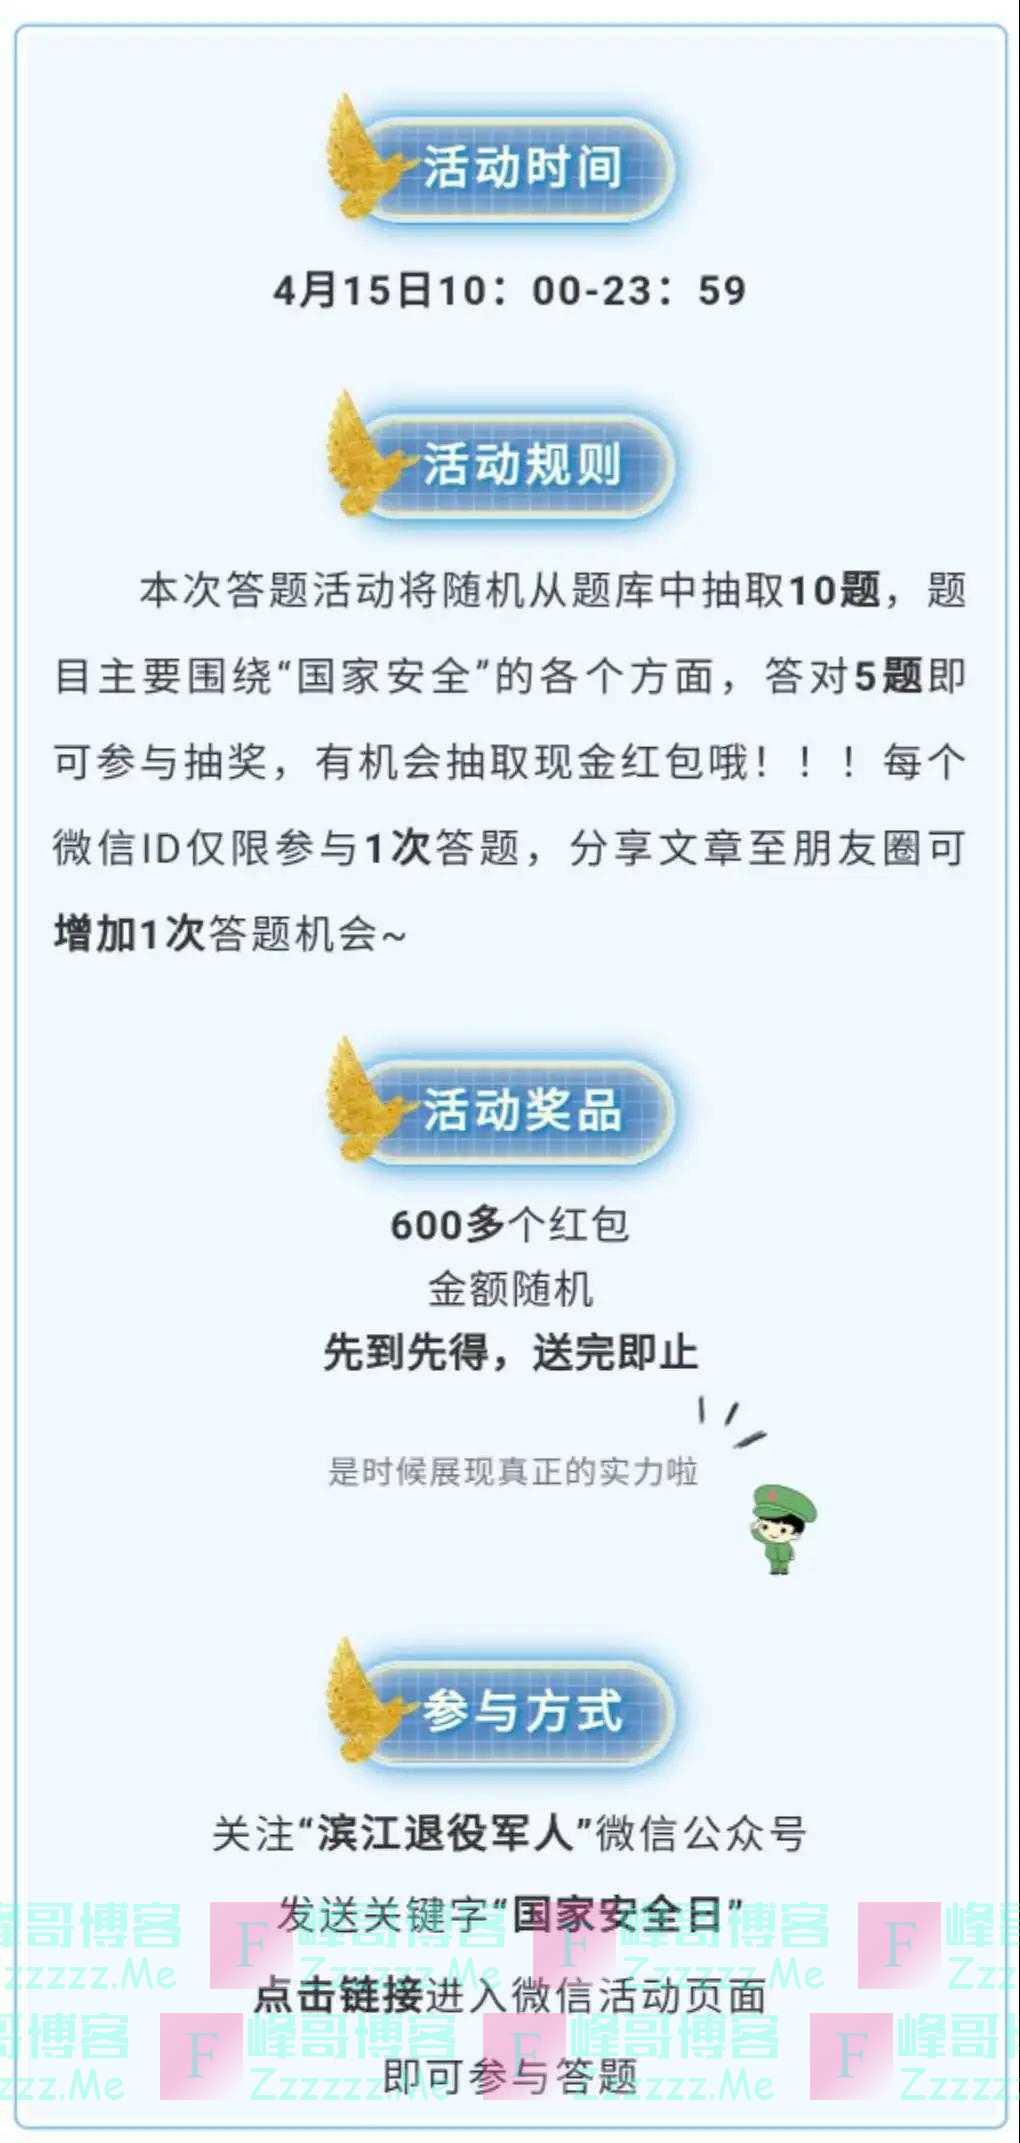 滨江退役军人国家安全知识你了解多少(截止4月15日)